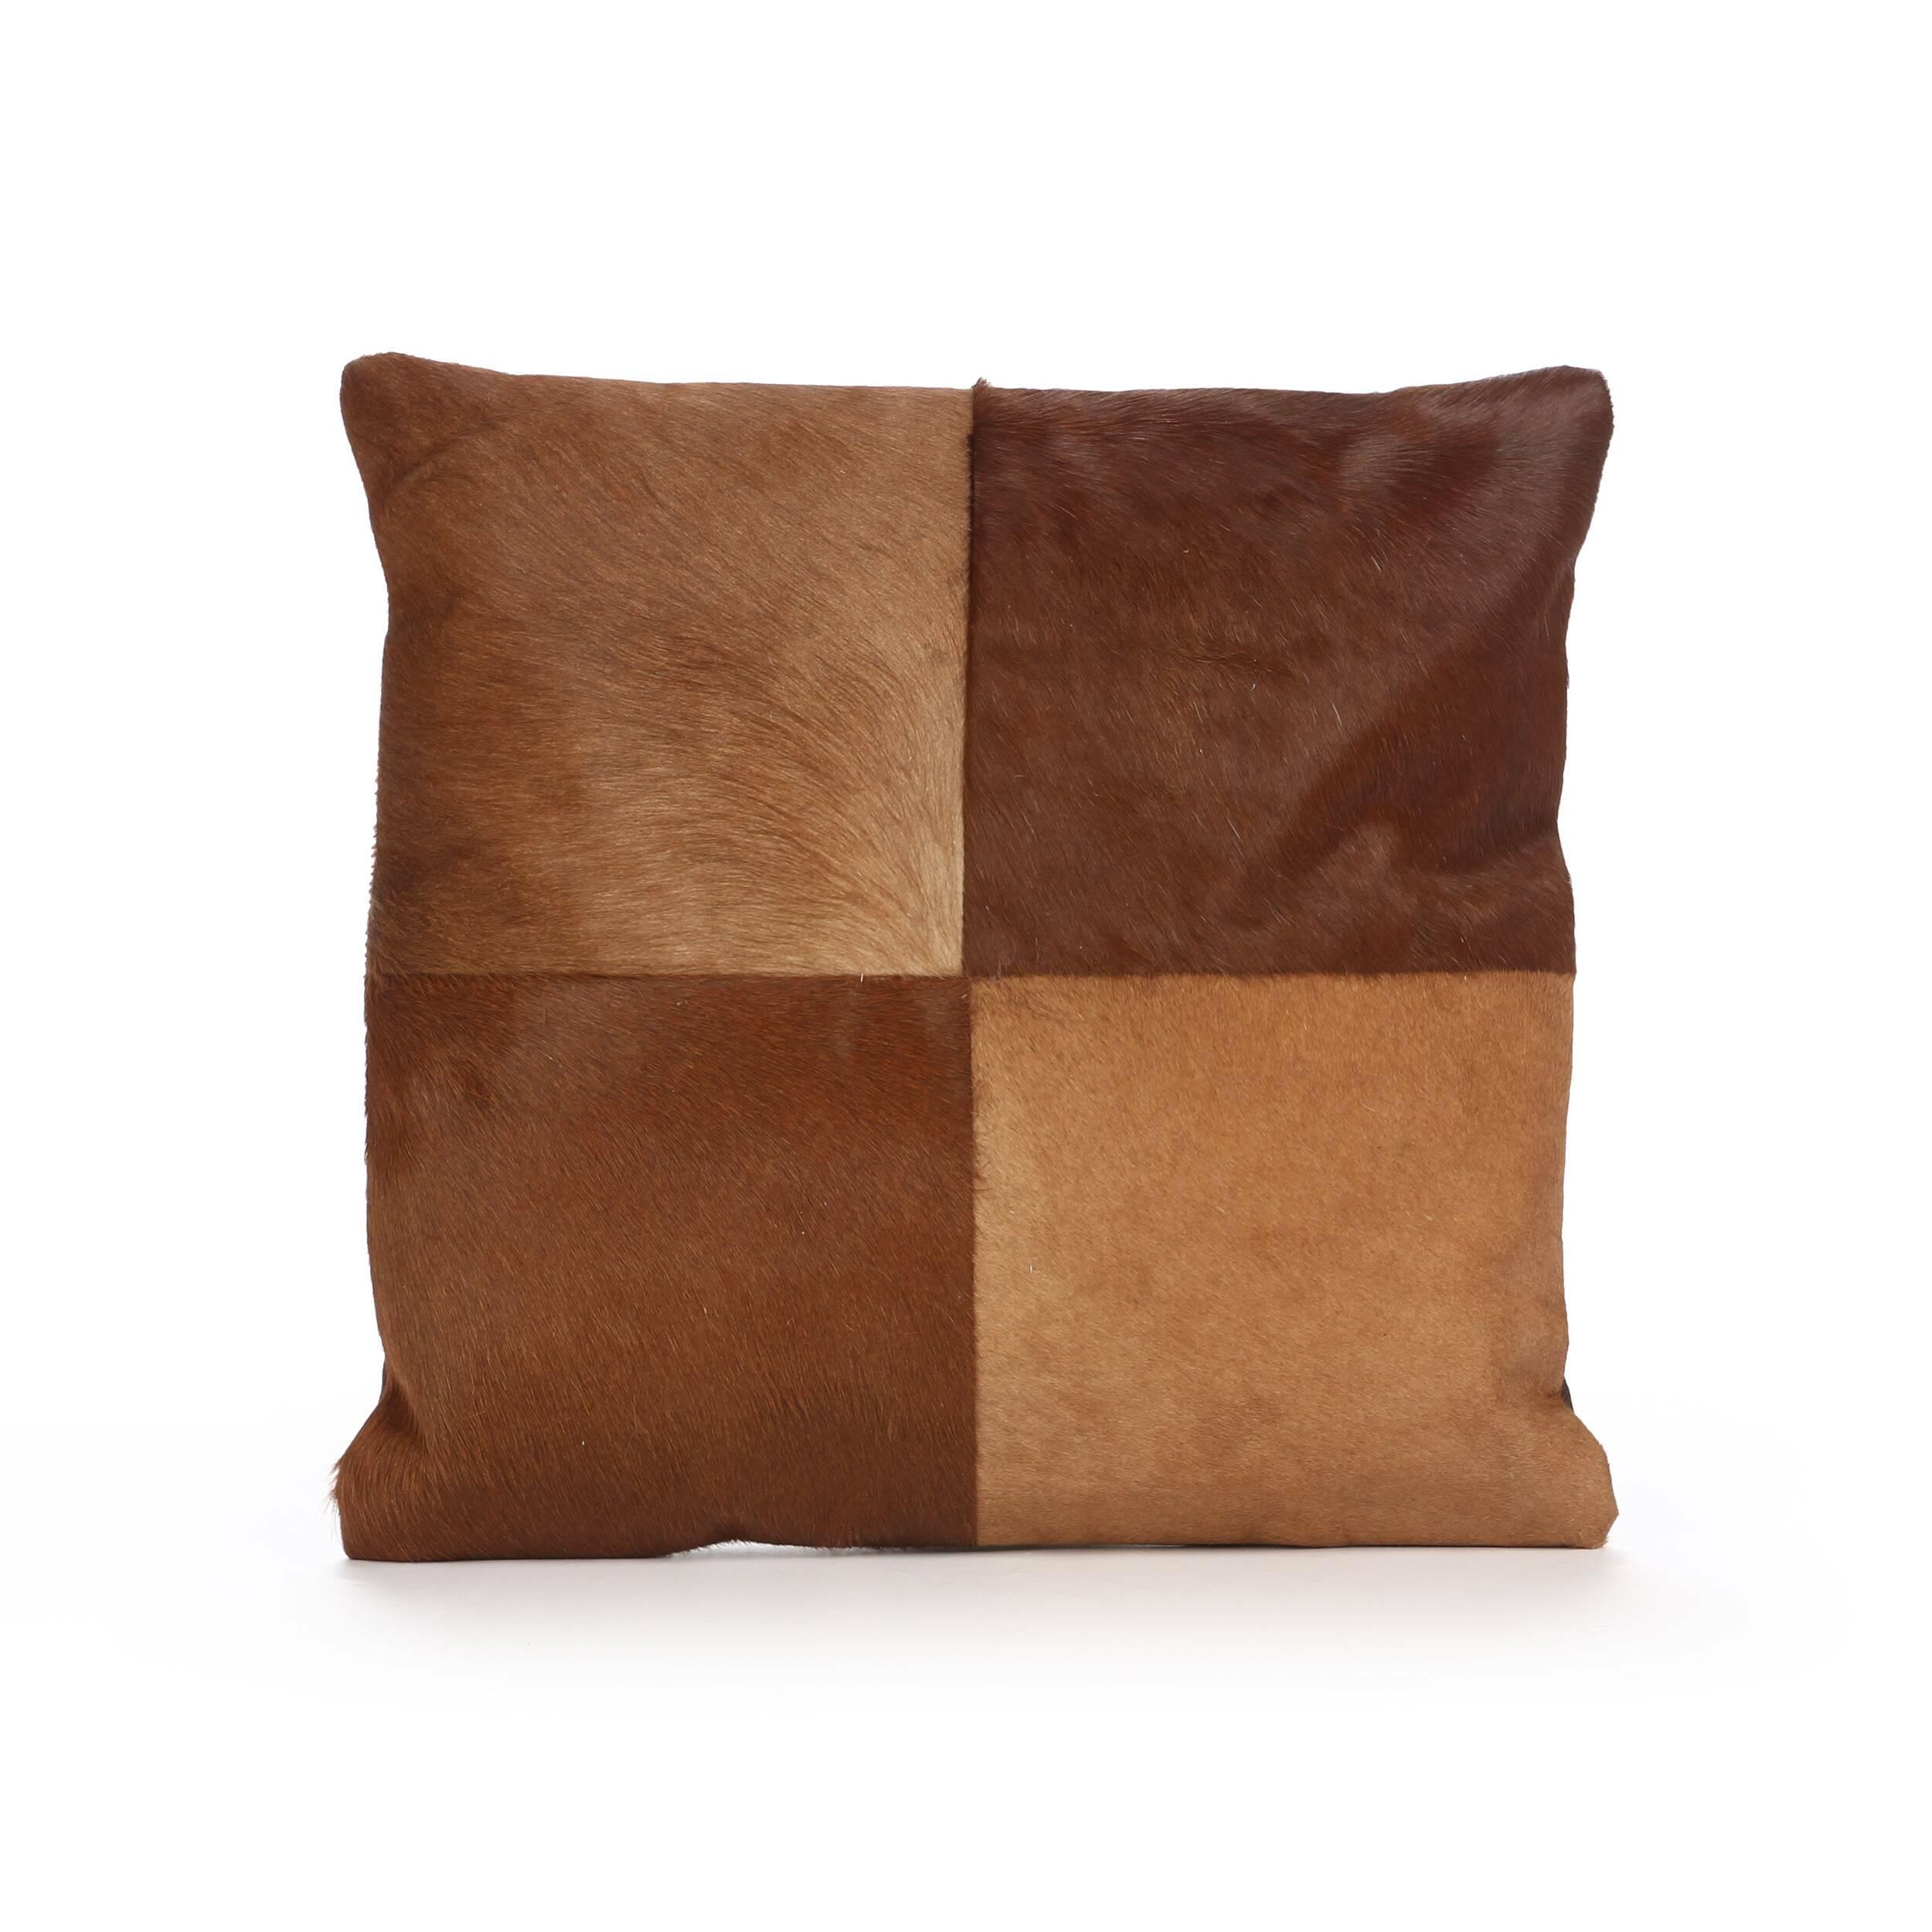 Подушка OxfordДекоративные подушки<br>Дизайнерская подушка Oxford (Оксфорд) ручного производтсва из шкуры от Cosmo (Космо).<br>Порой совсем недостаточно обставить ваше жилище одной лишь мебелью, для того чтобы оно был стильным и презентабельным. Лишь дополнительные штрихи в виде декора завершают облик и придают ему неповторимый характер.<br><br> Оригинальная подушка Oxford в этом смысле отличный инструмент, с помощью которого можно расставить акценты и дополнить дизайн интерьера. Изделие из натуральной шкуры коровы представлено в двух ...<br><br>stock: 0<br>Ширина: 45<br>Материал: Шкура<br>Цвет: Коричневый<br>Длина: 45<br>Состав основы: Кожа<br>Тип производства: Ручное производство